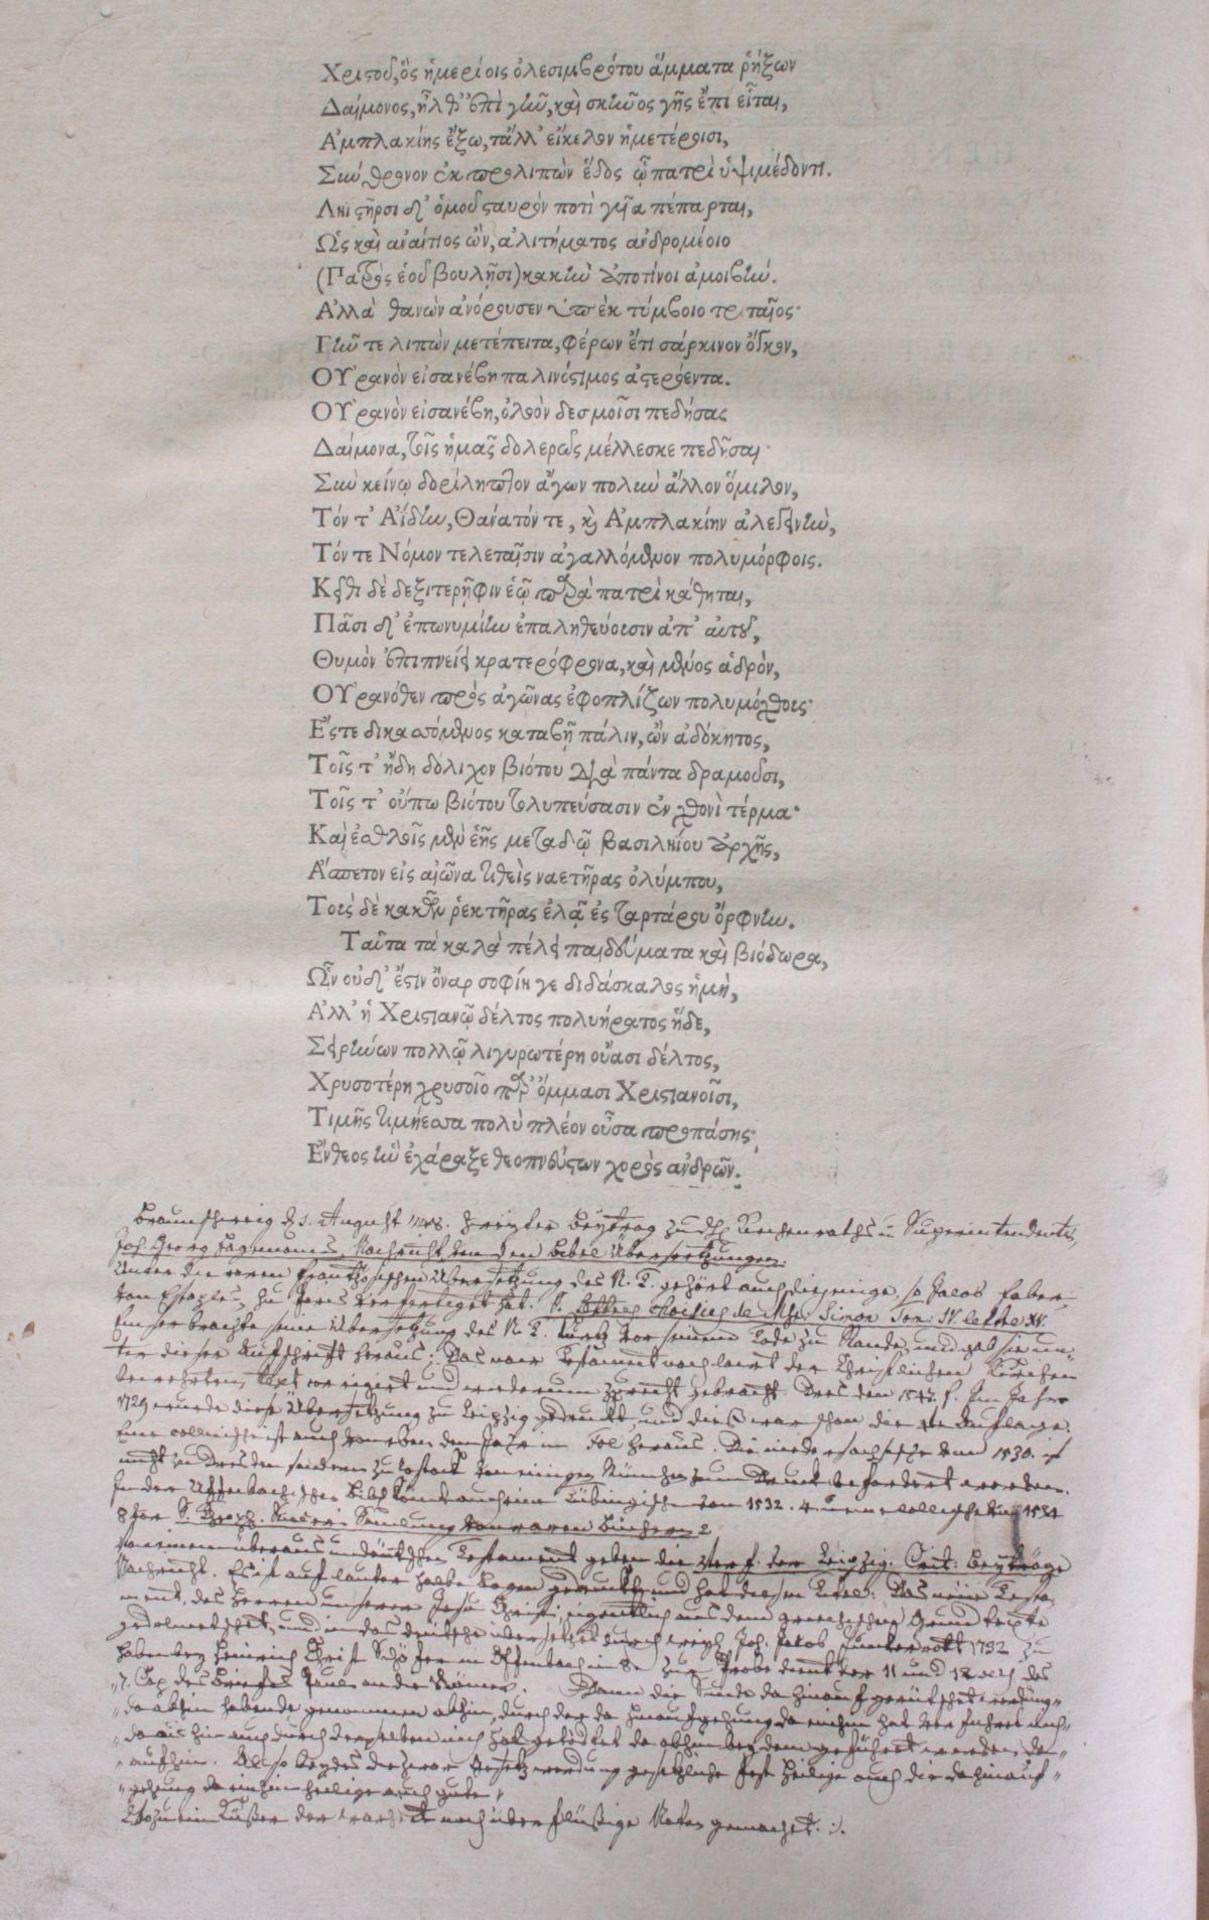 Griechische-Lateinische Bibel, Novum Testamentum 1582 - Bild 8 aus 23